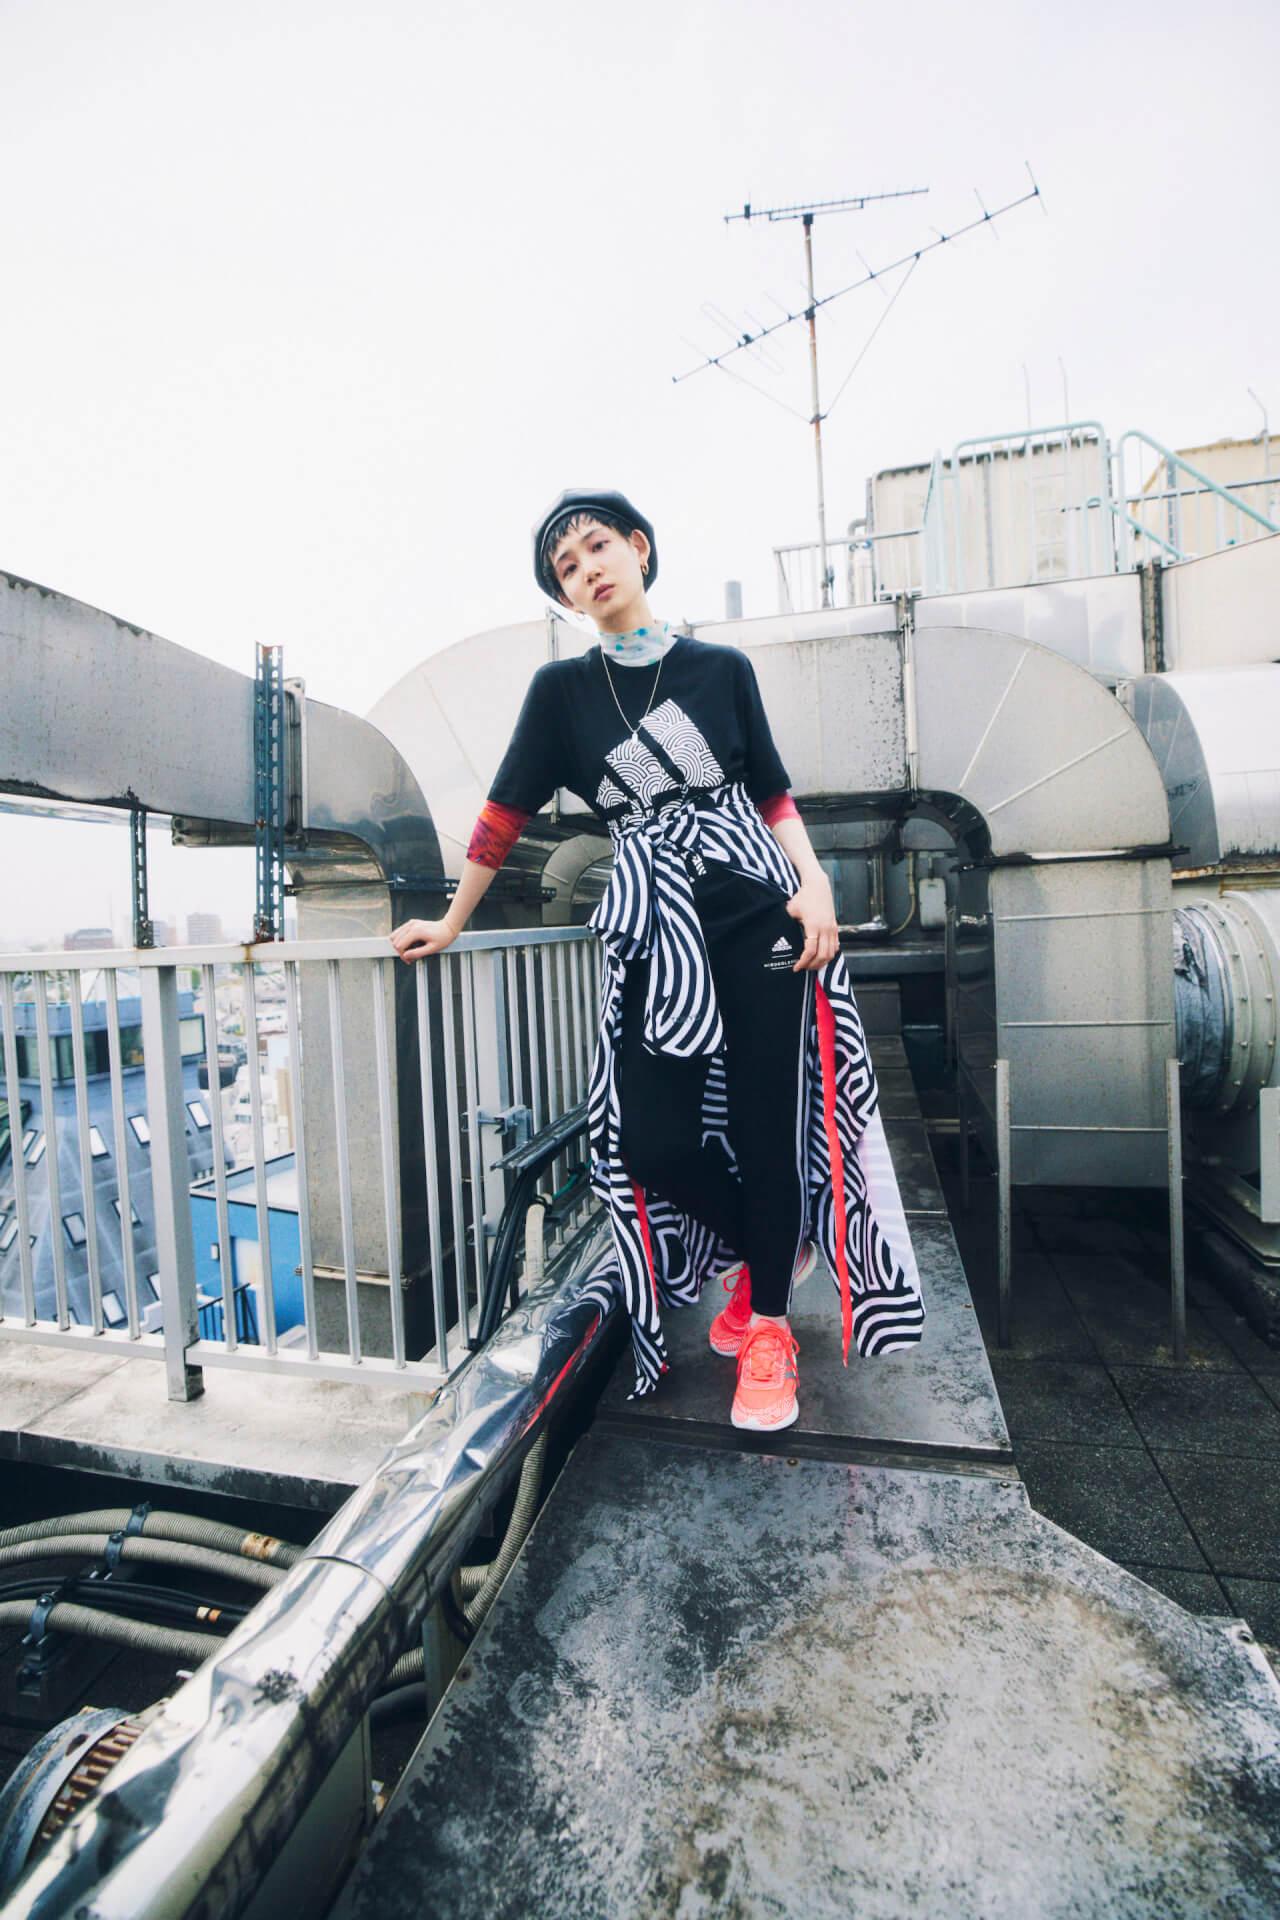 アディダス初の法被ジャケットと浴衣ジャケットが登場!高橋理子とのコラボコレクション『HIROKO TAKAHASHI COLLECTION』が販売開始 music210611_adidas1